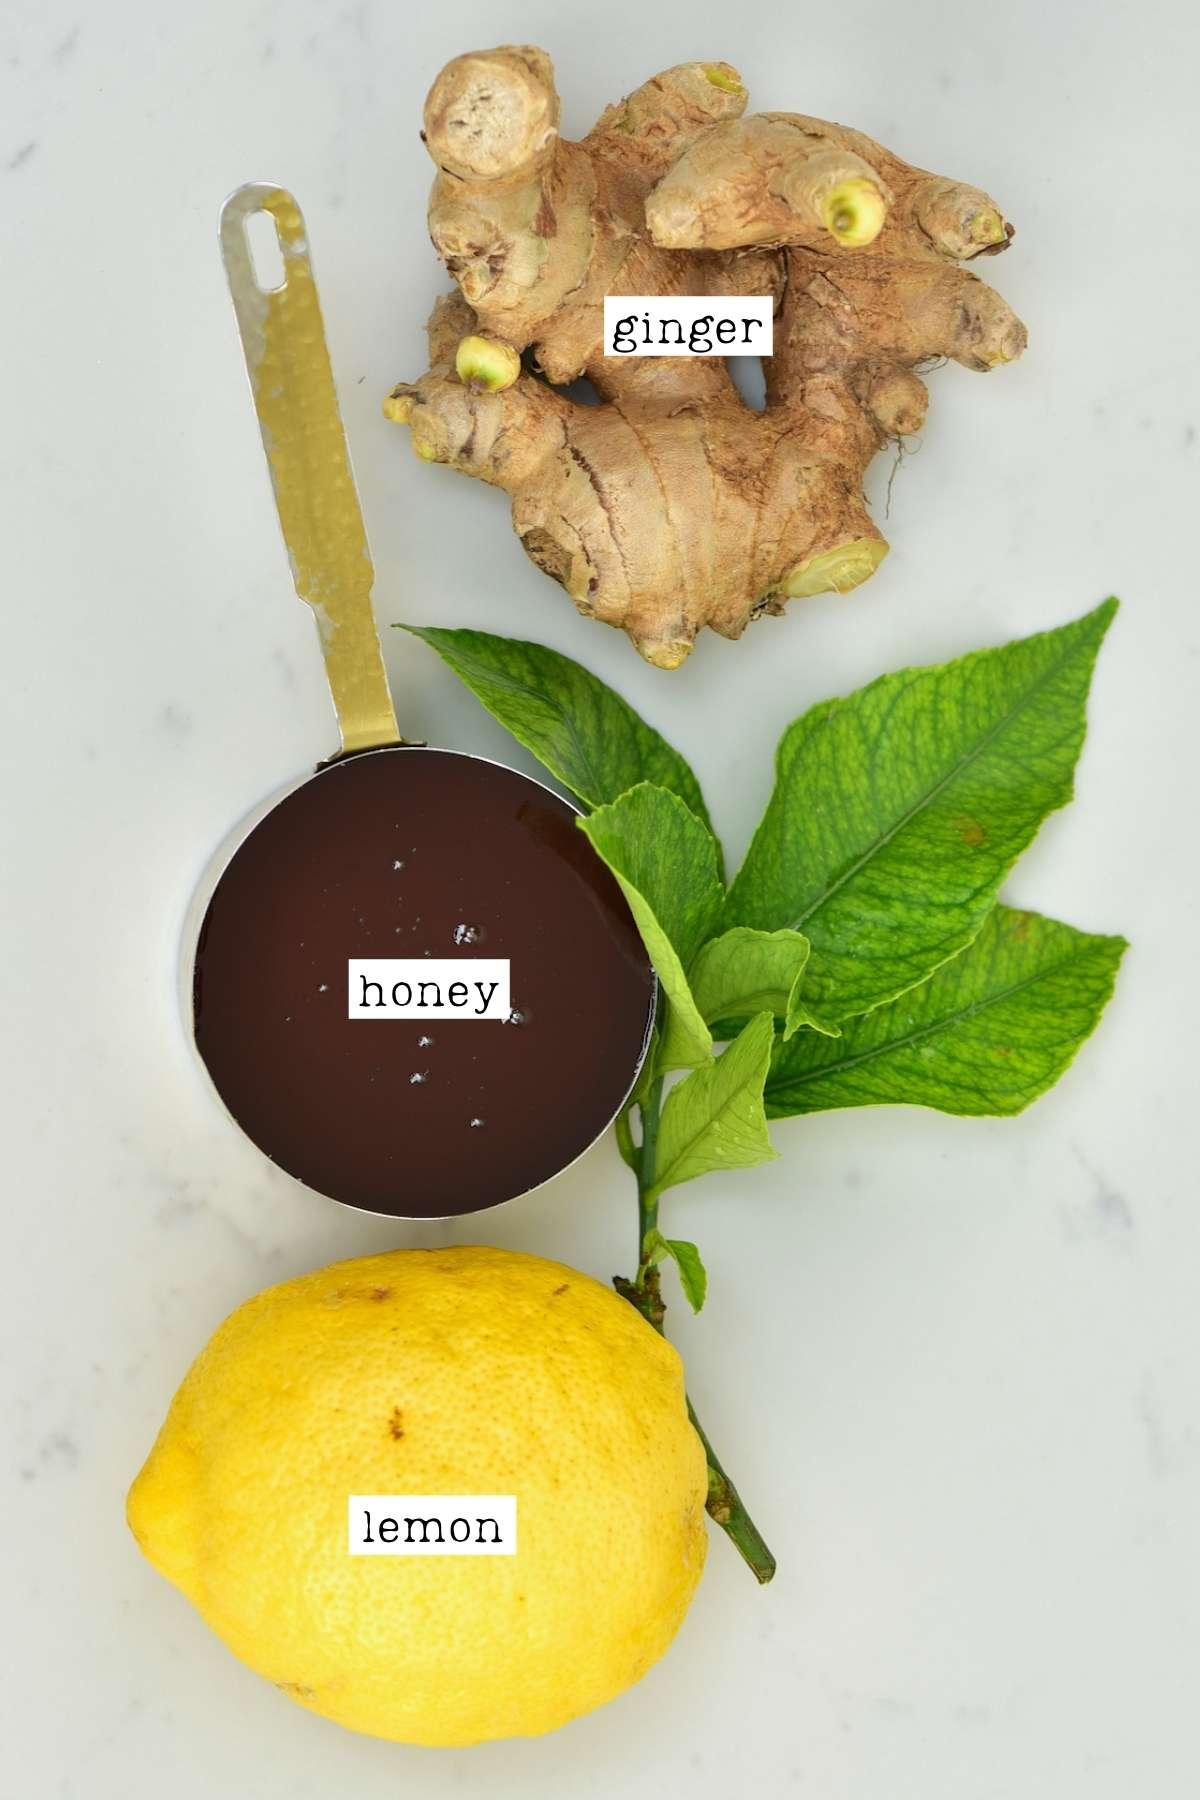 Ingredients for fermented lemon ginger honey